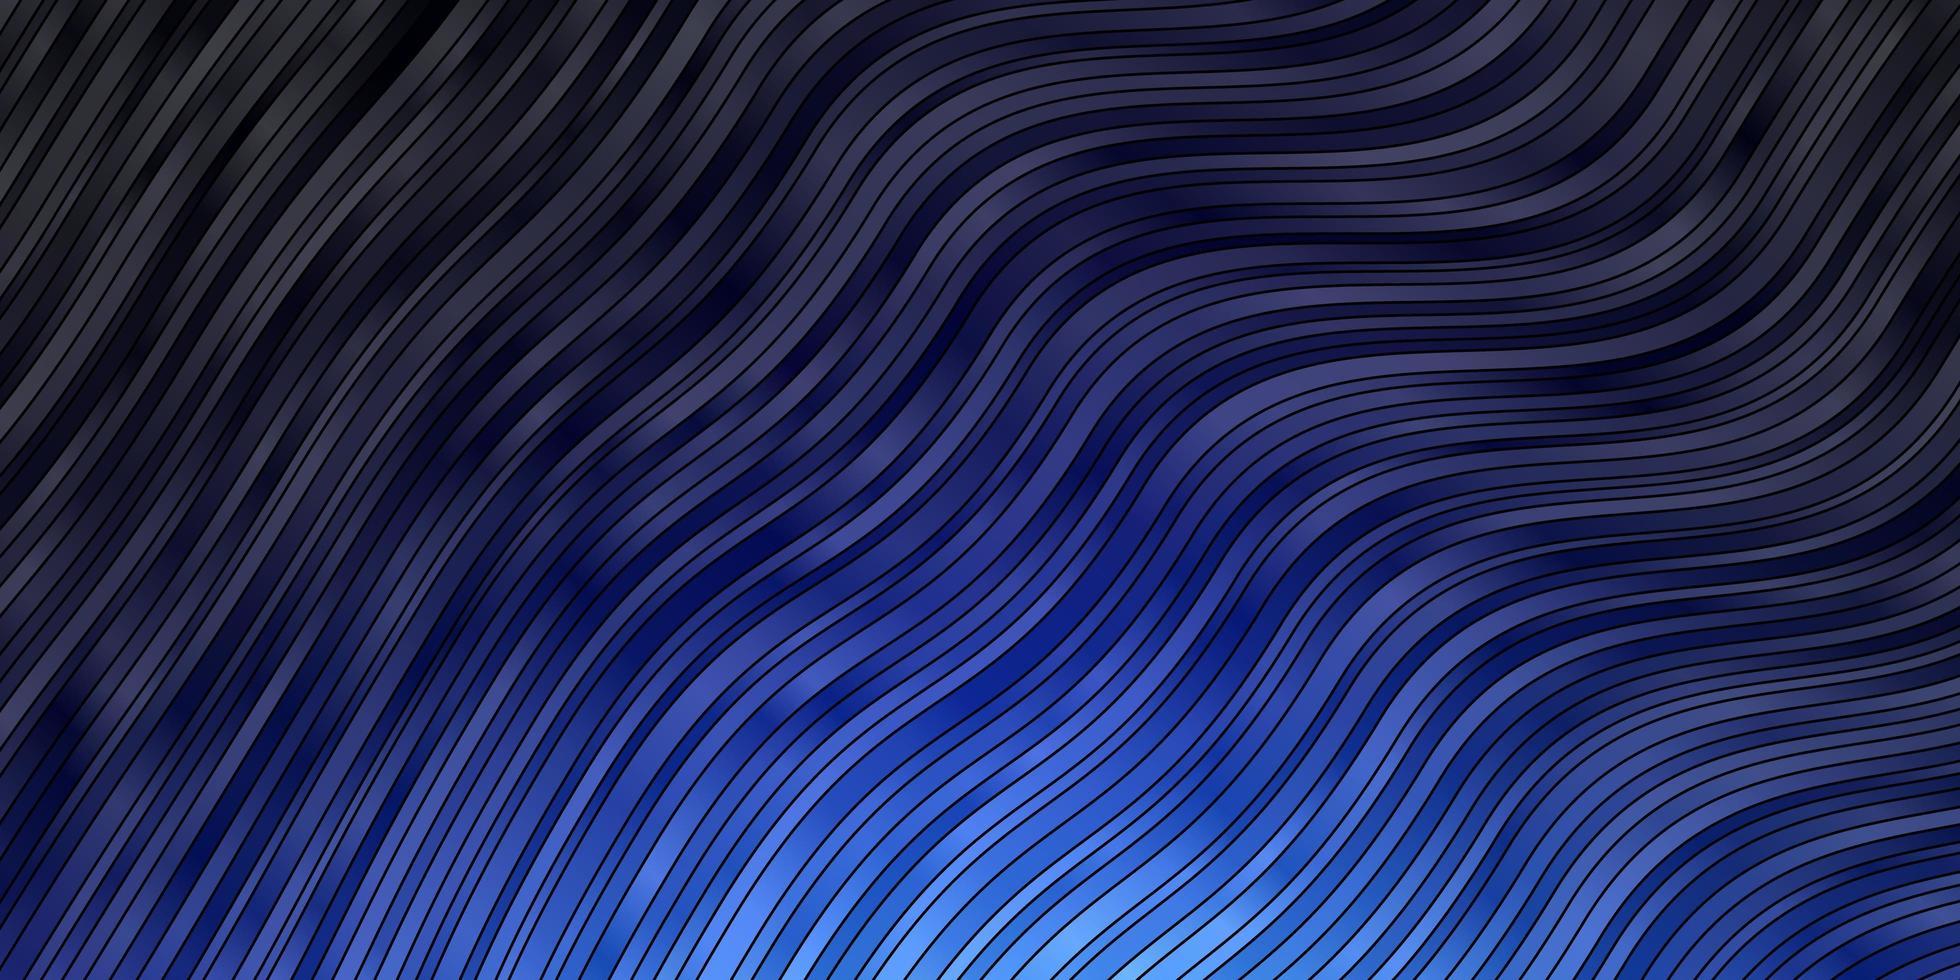 dunkelblauer Hintergrund mit schiefen Linien. vektor